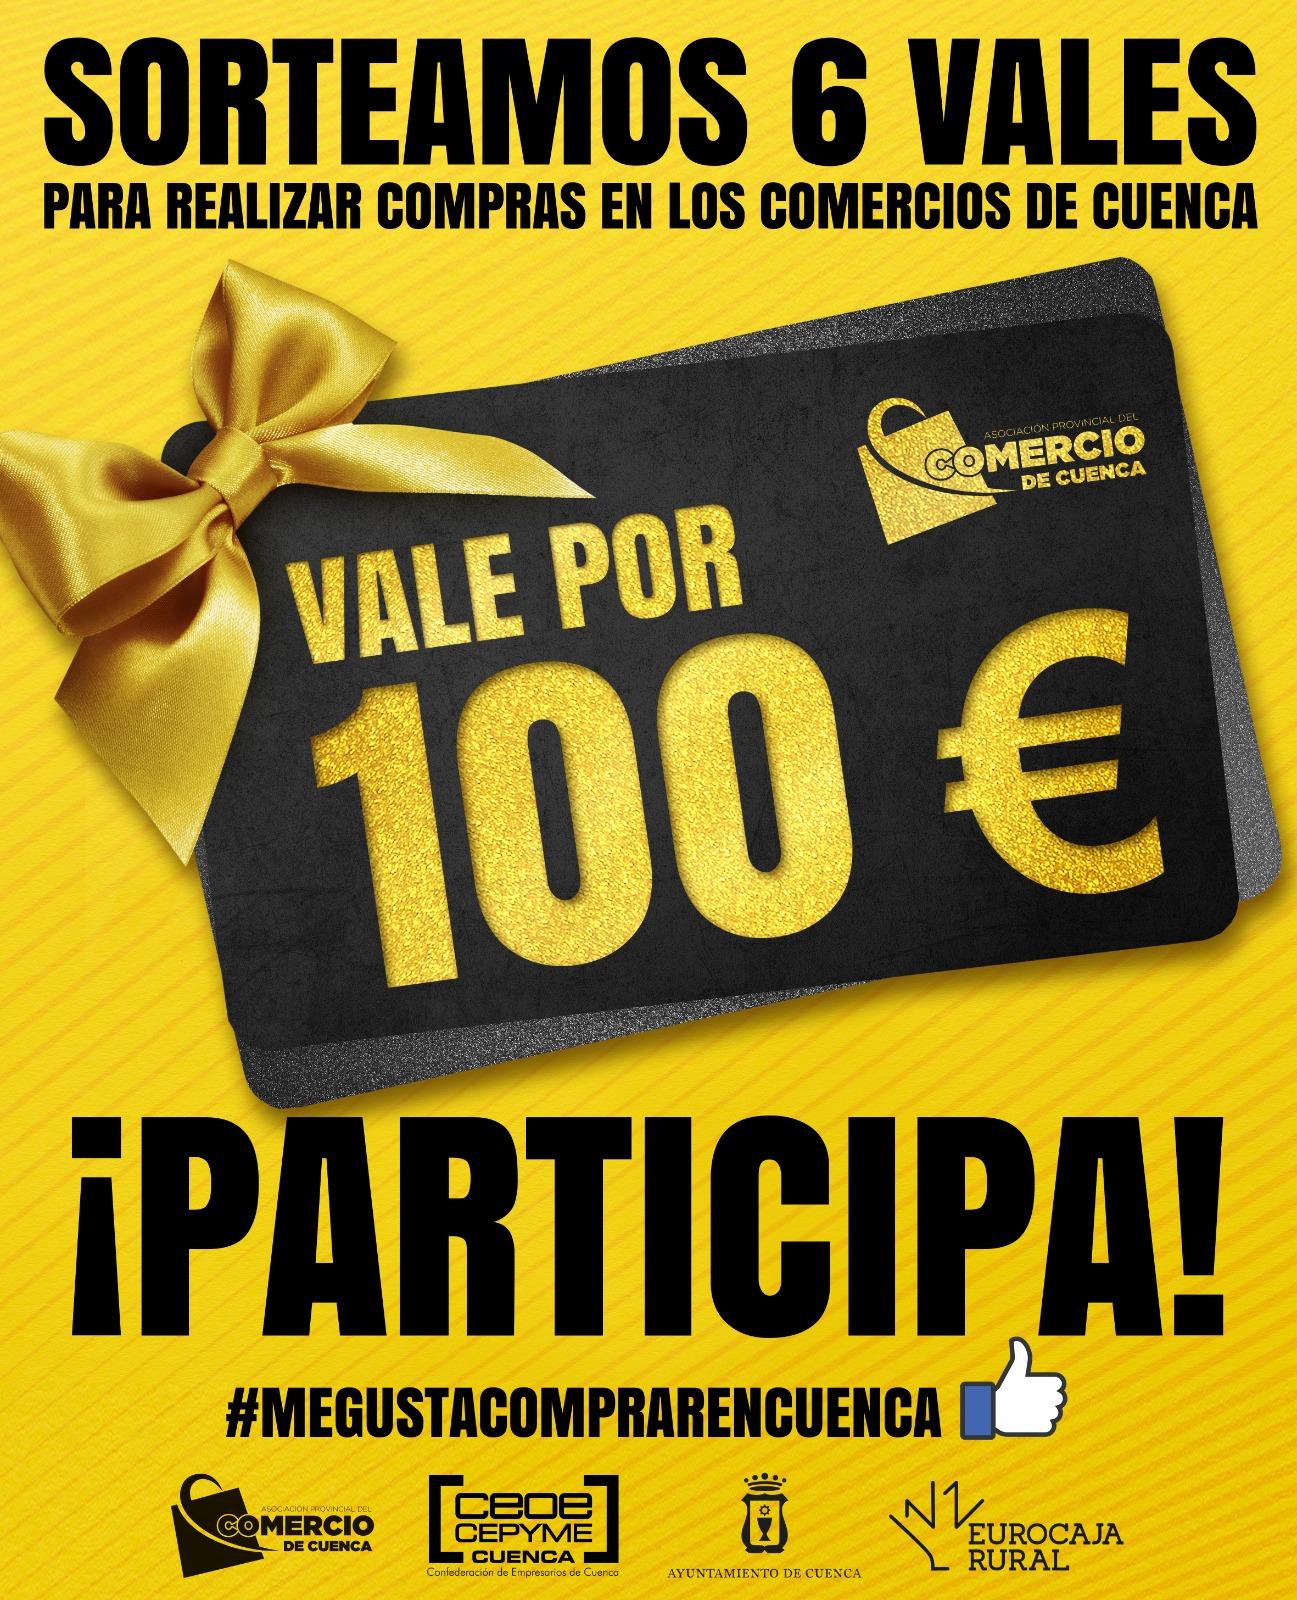 Todavía se puede participar en la iniciativa de la Asociación de Comercio de Cuenca que sortea 6 vales de 100 euros en compras